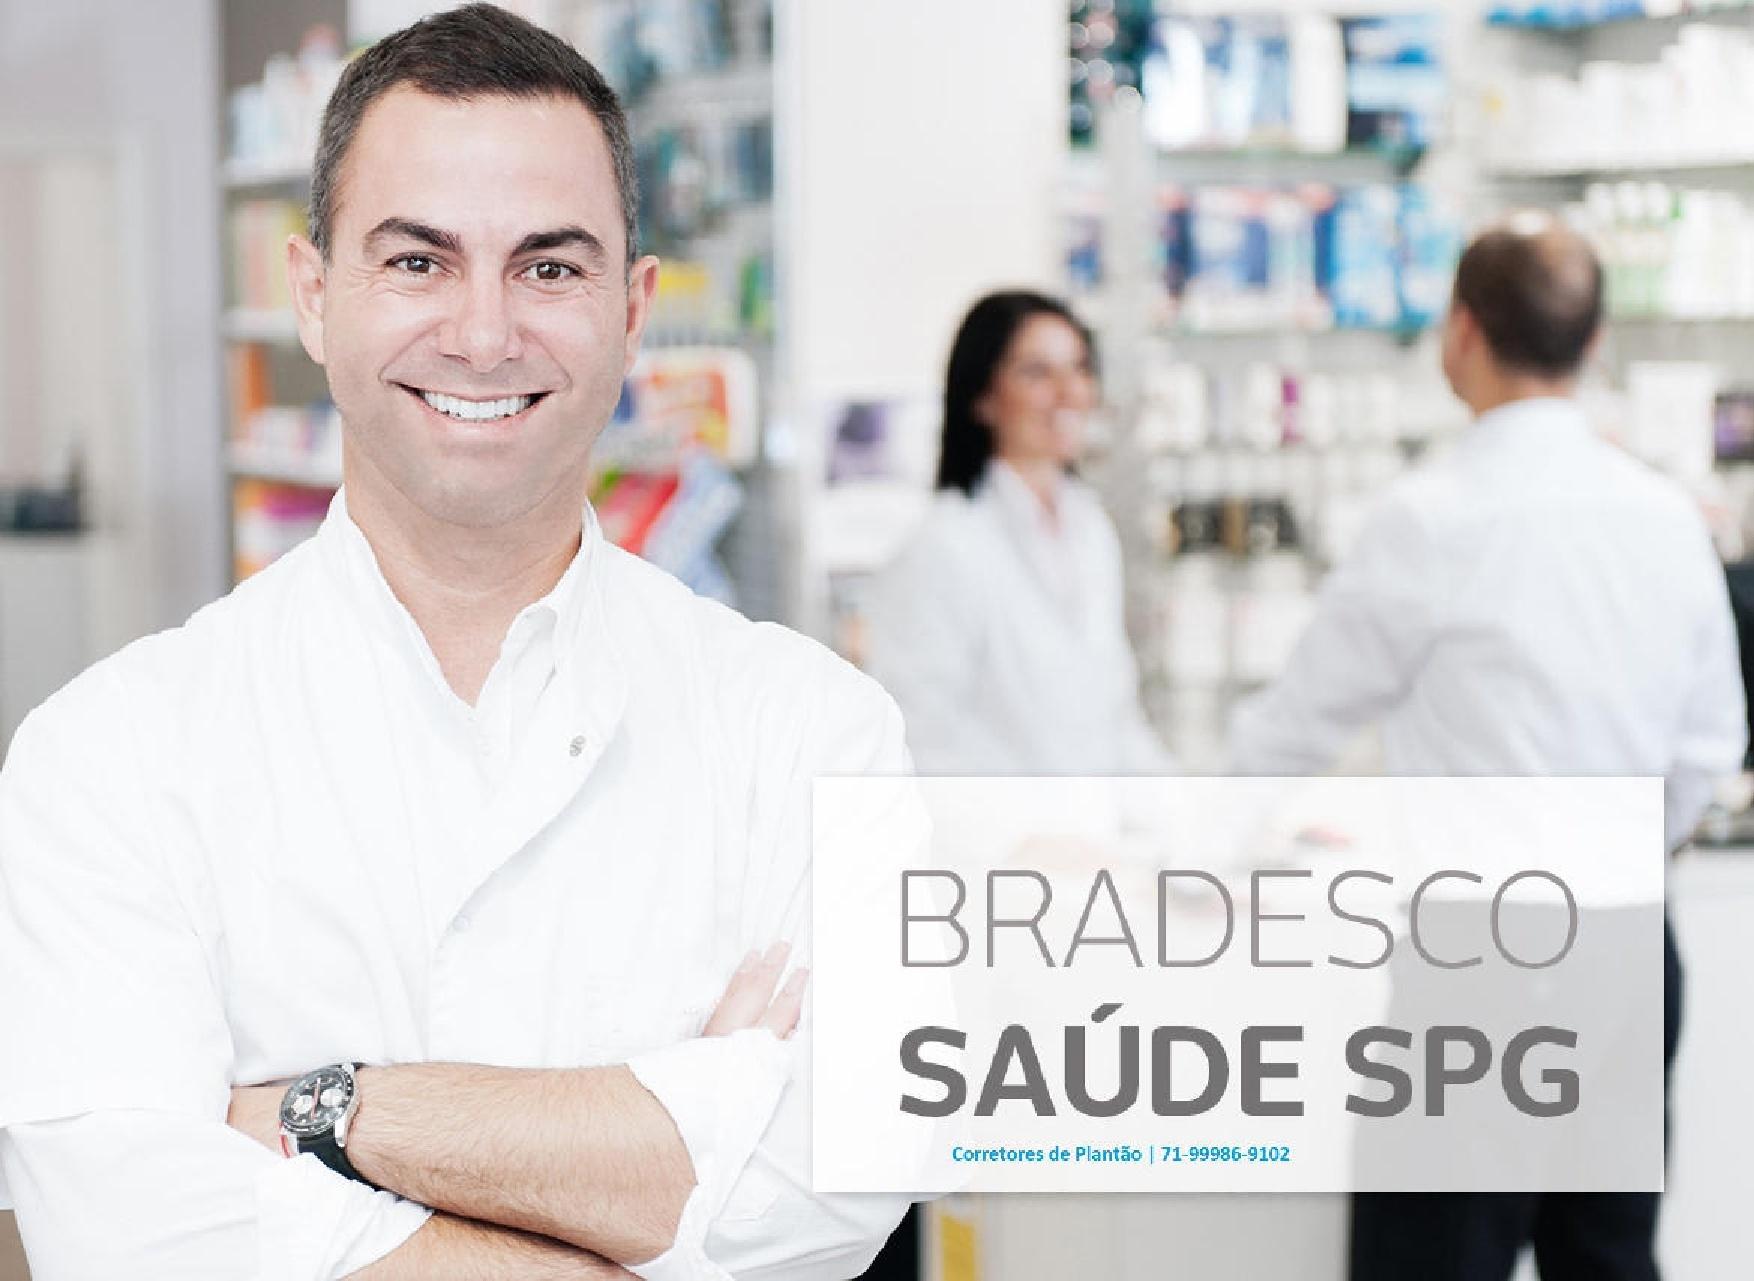 Planos Empresariais | Bradesco Saúde | Bradesco Dental |  Para sua Empresa em Lauro de Freitas-BA